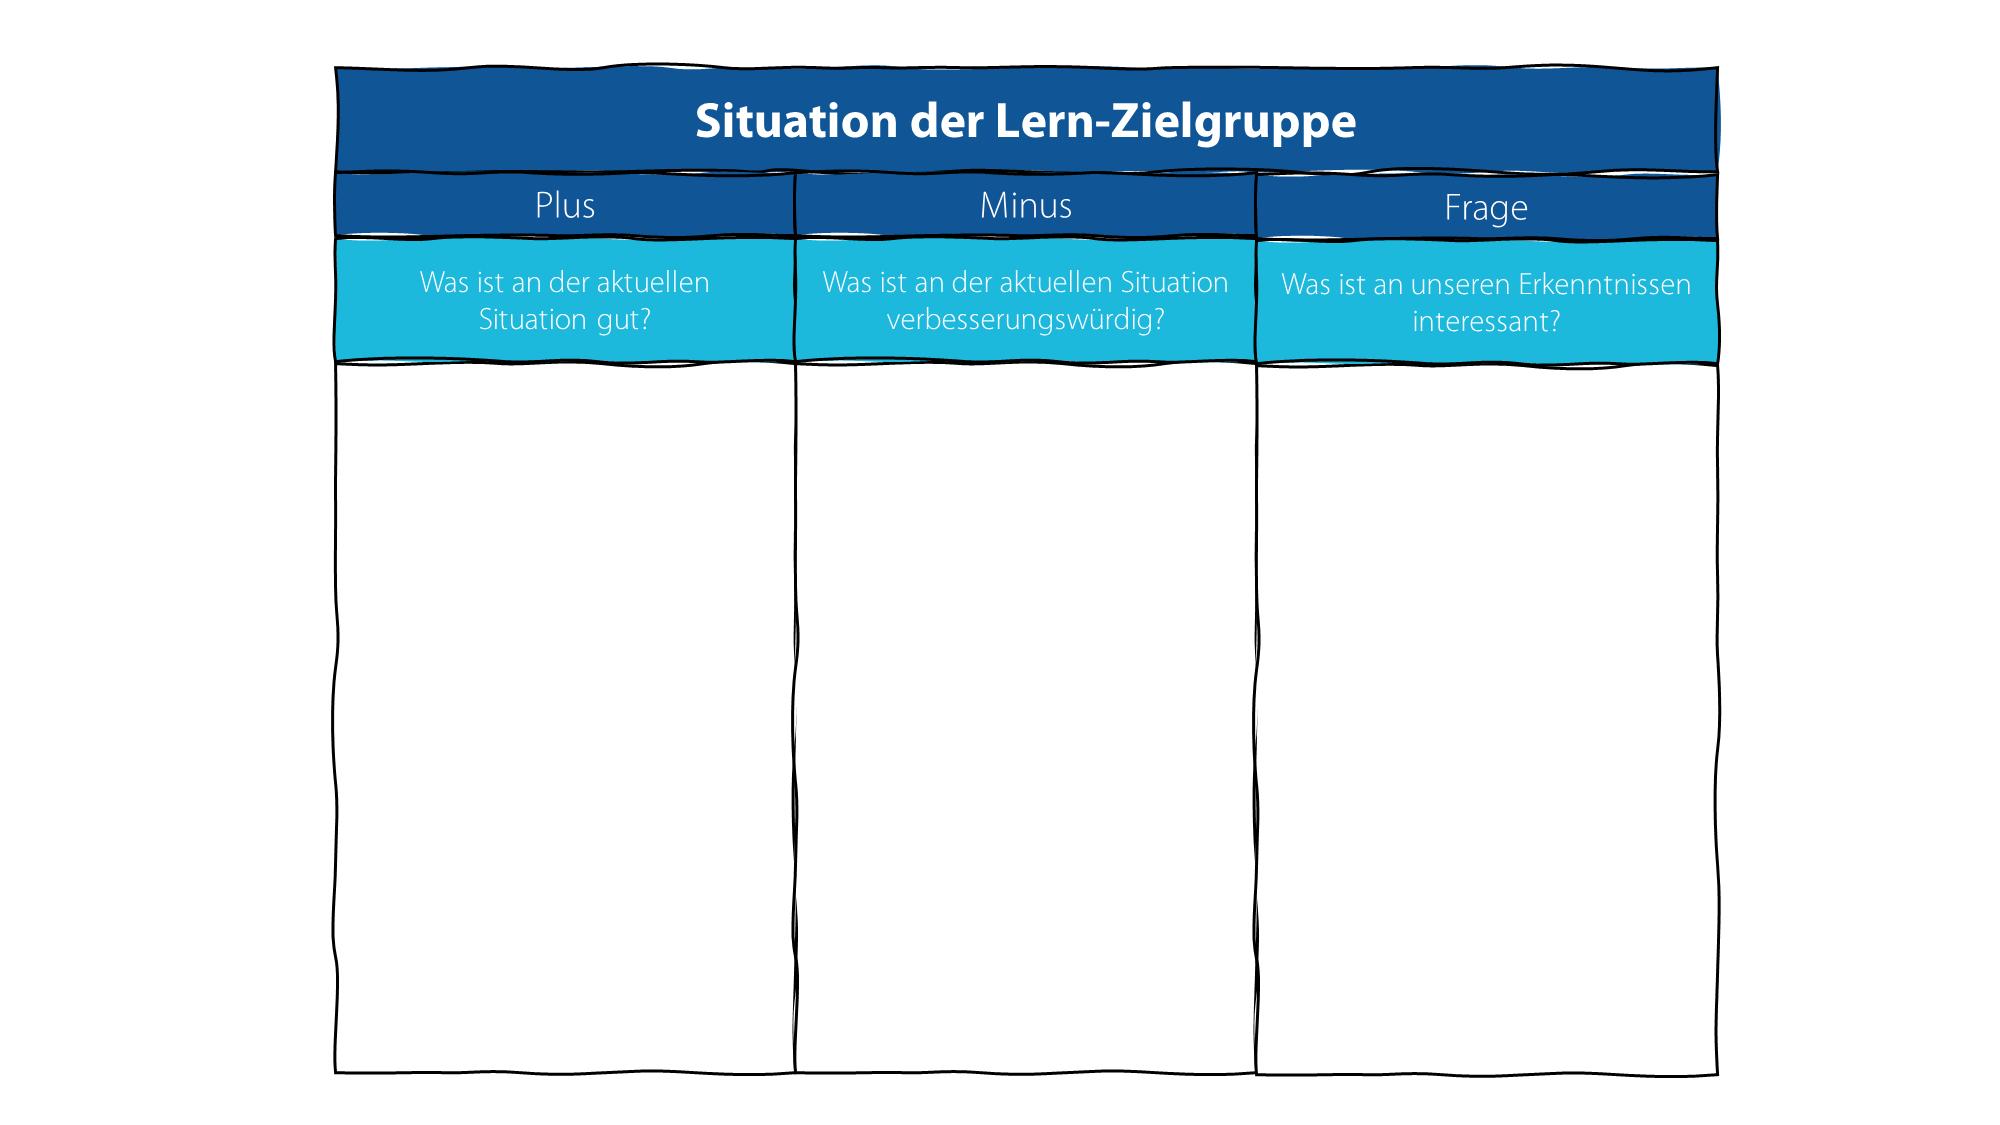 Schritt 2: Zum Einstieg wird die aktuelle Situation betrachtet und nach positiven und negativen Aspekten gefragt.